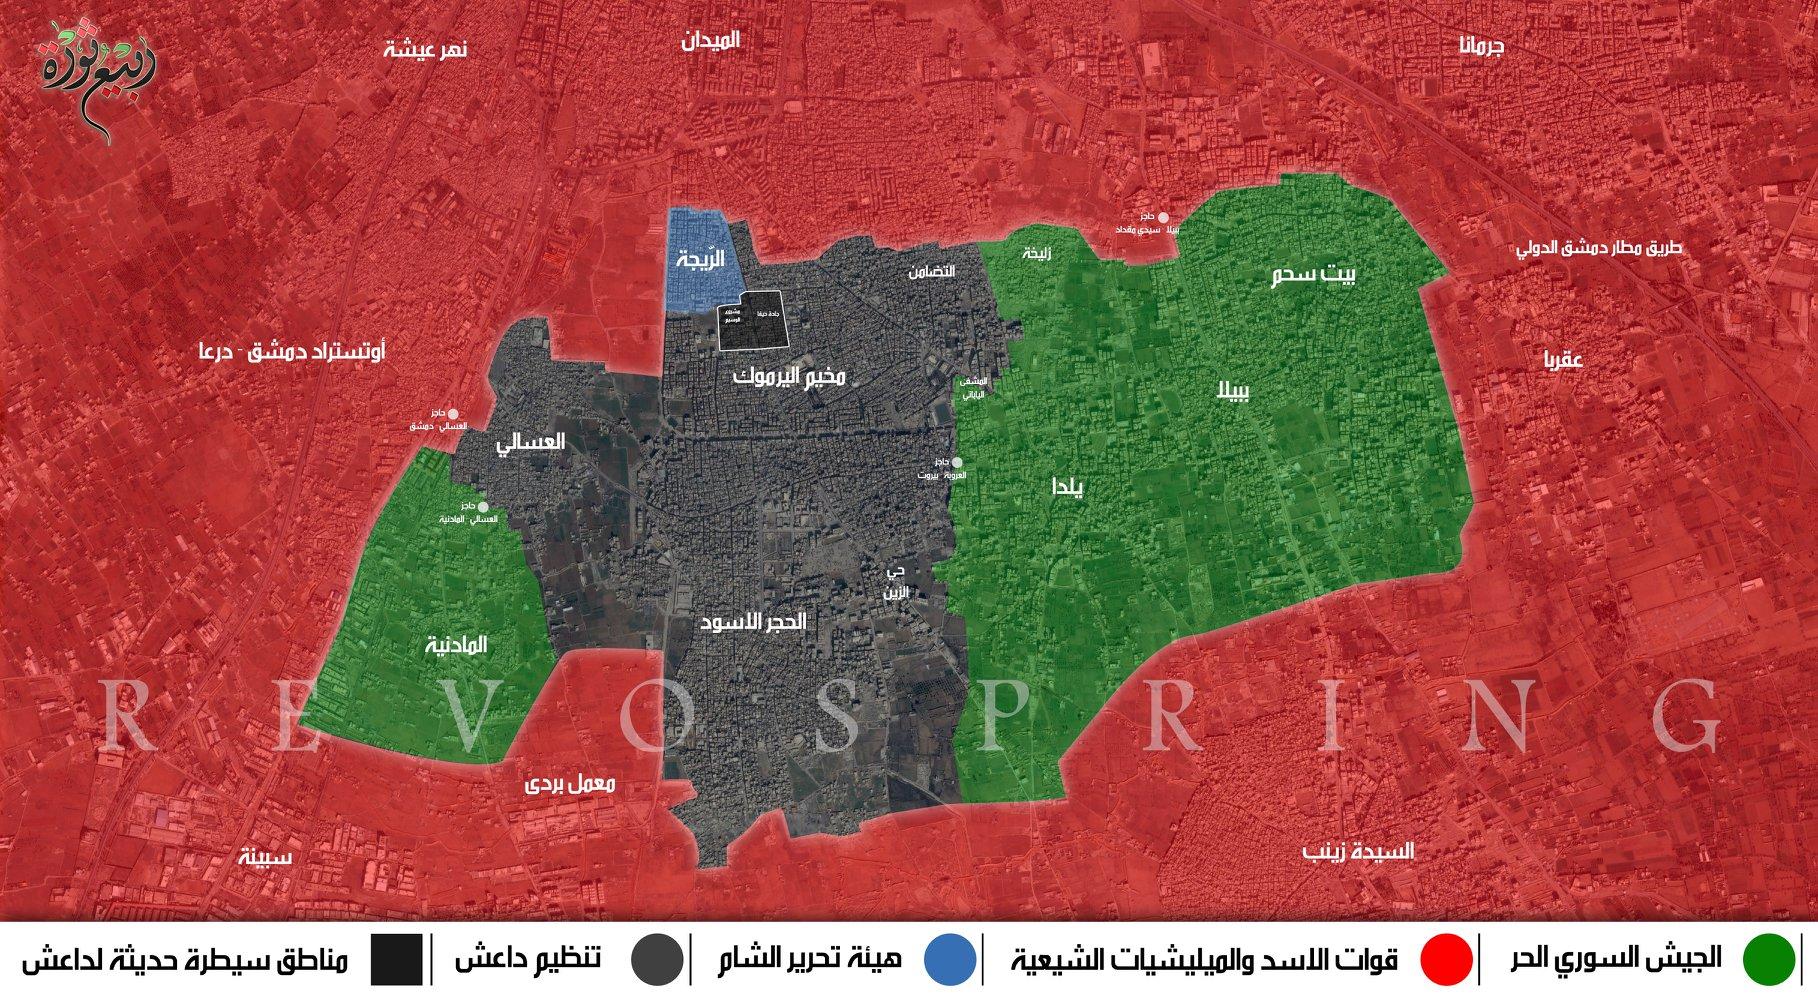 بخريطة توضح توزع السيطرة جنوب دمشق - 12 آذار 2018 (ربيع ثورة)